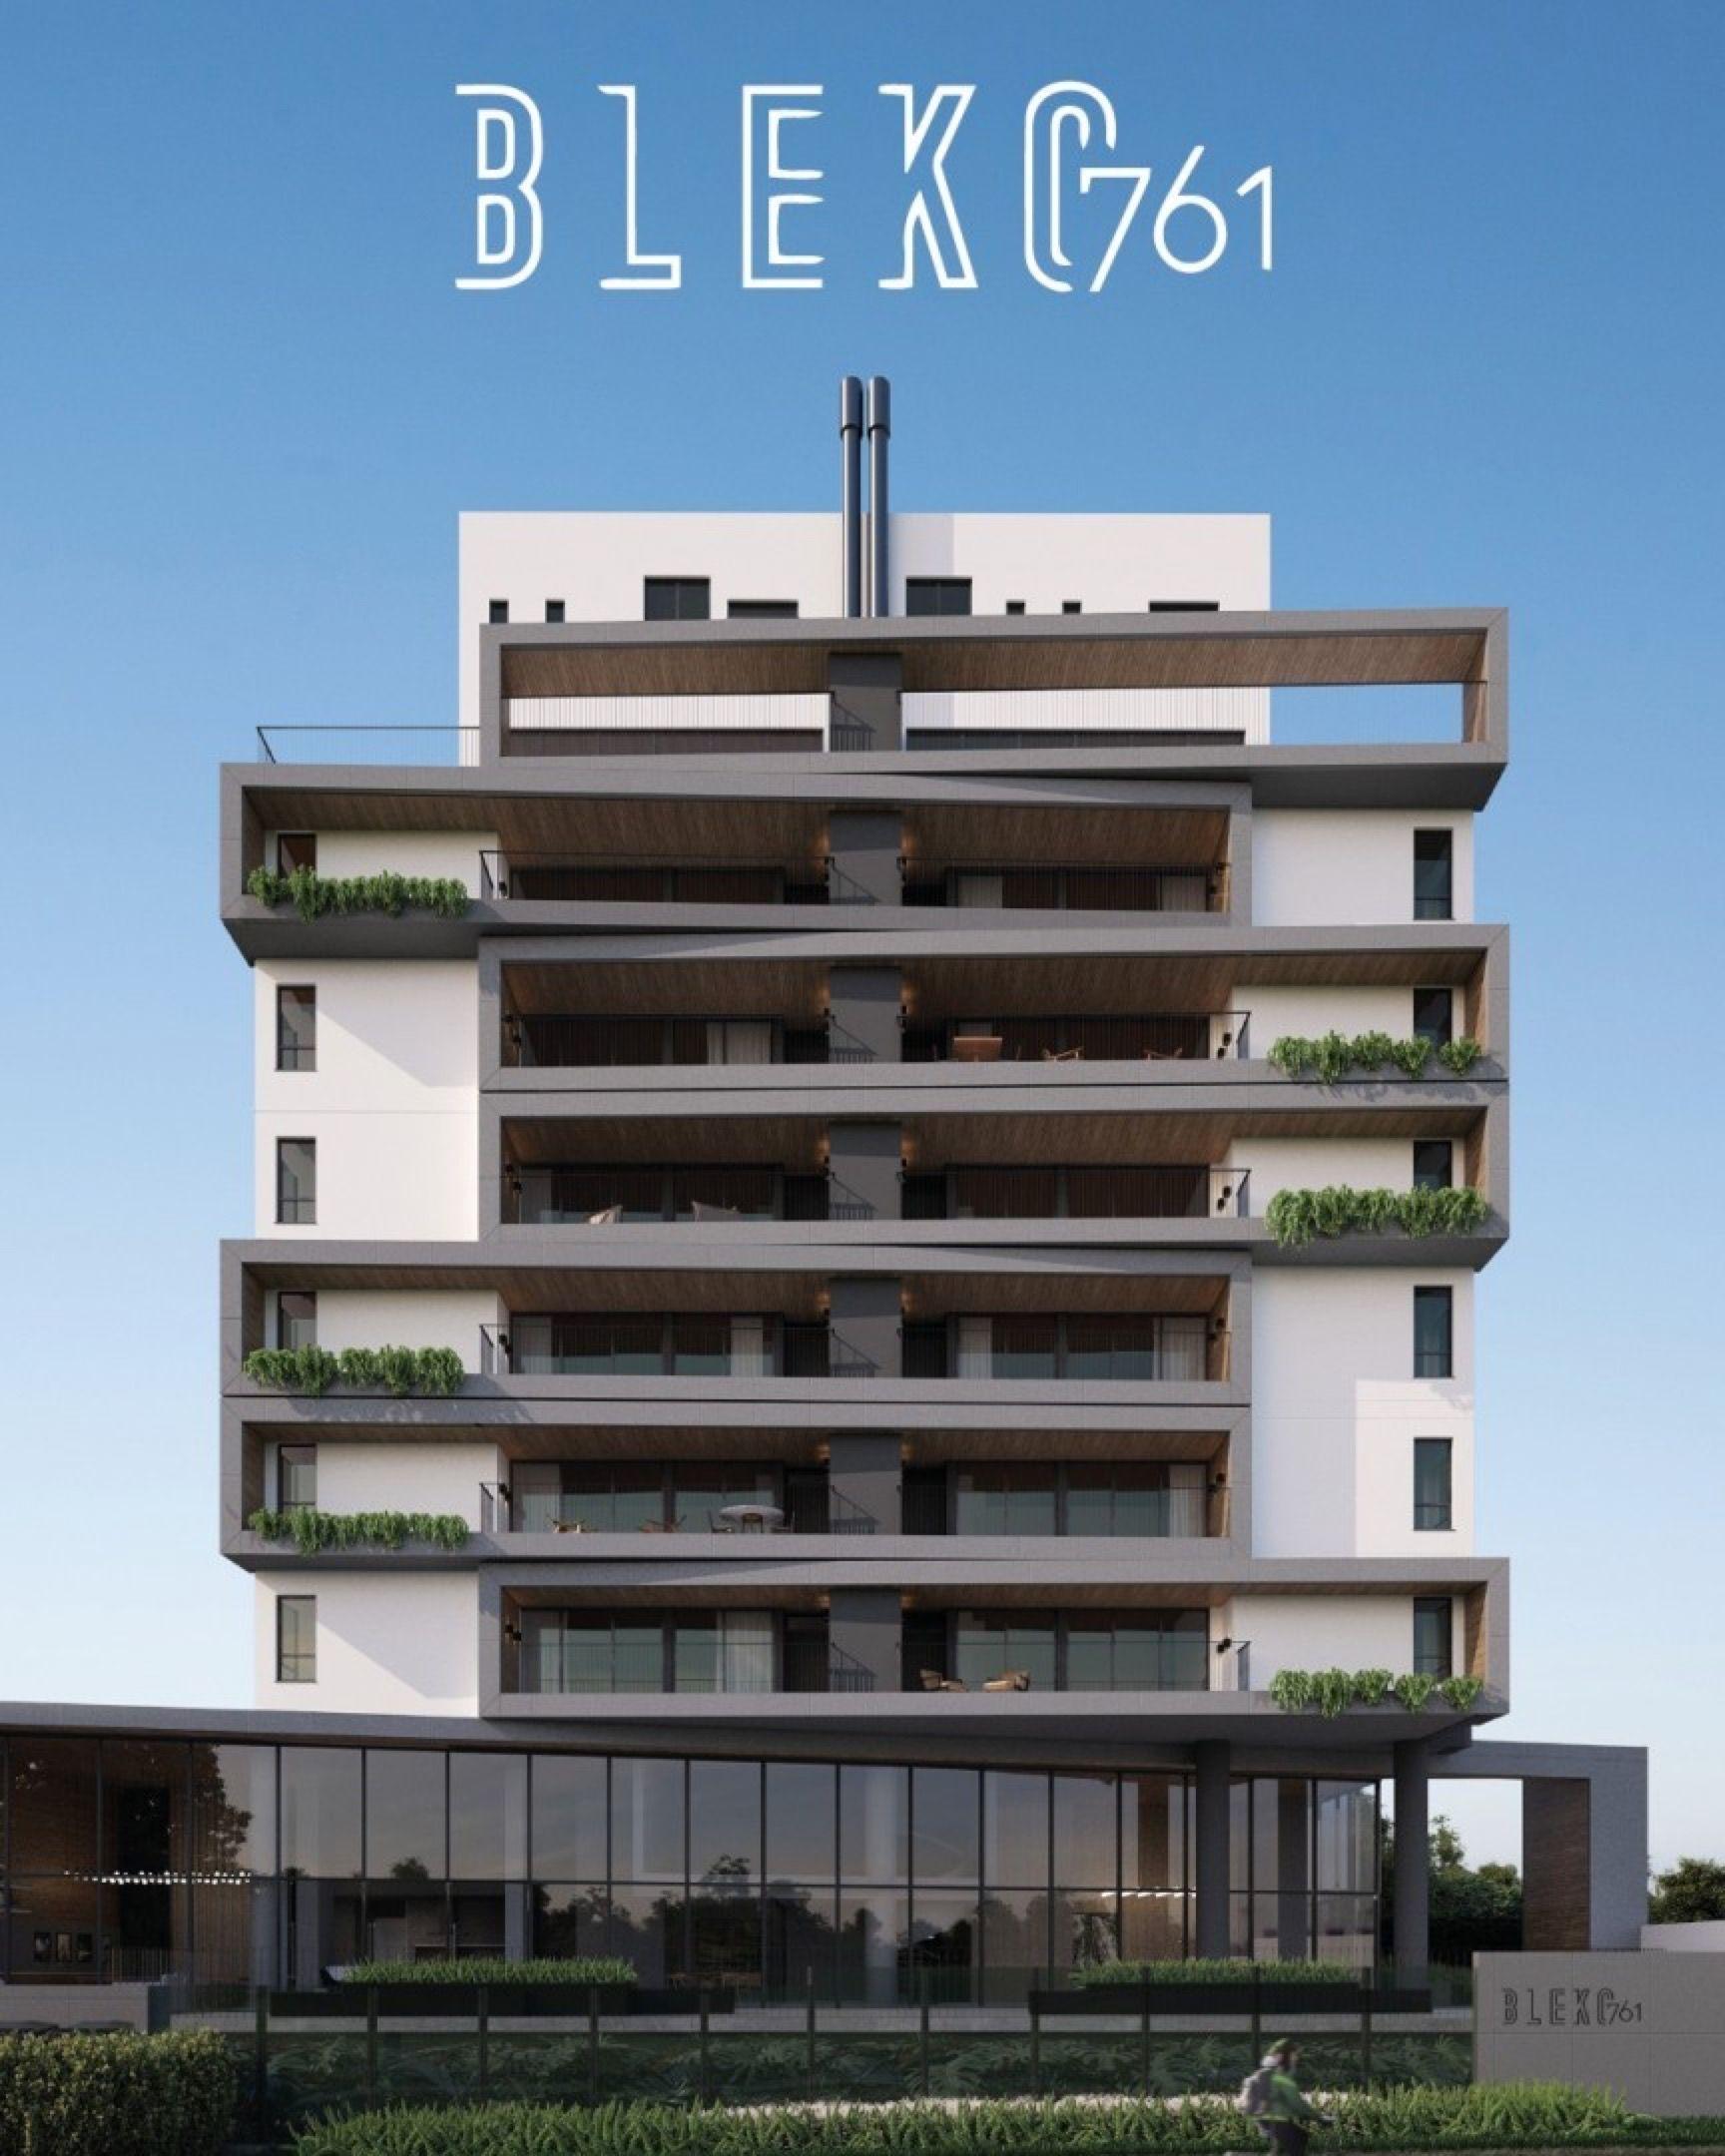 Bleko761 Moderno Edif Cio Com Arquitetura Moderna E Atemporal Possui